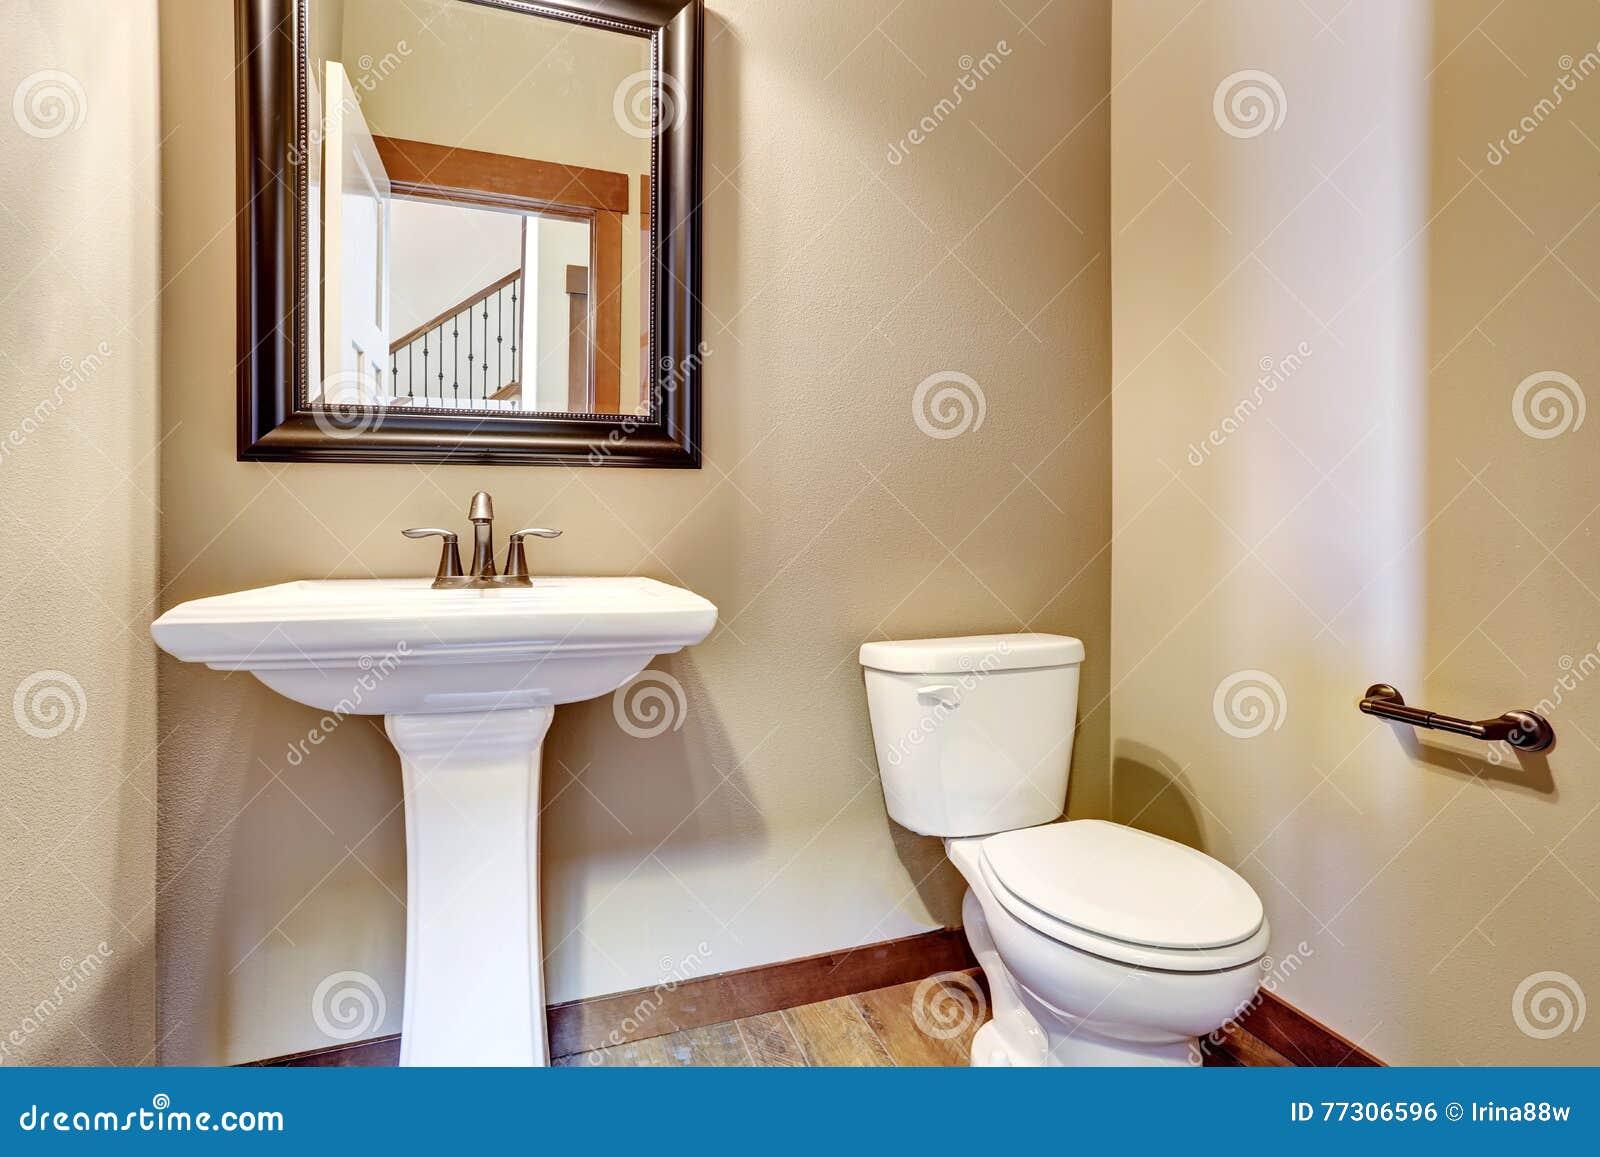 Toilette Da Bagno : Interiore della stanza da bagno vista del lavandino della